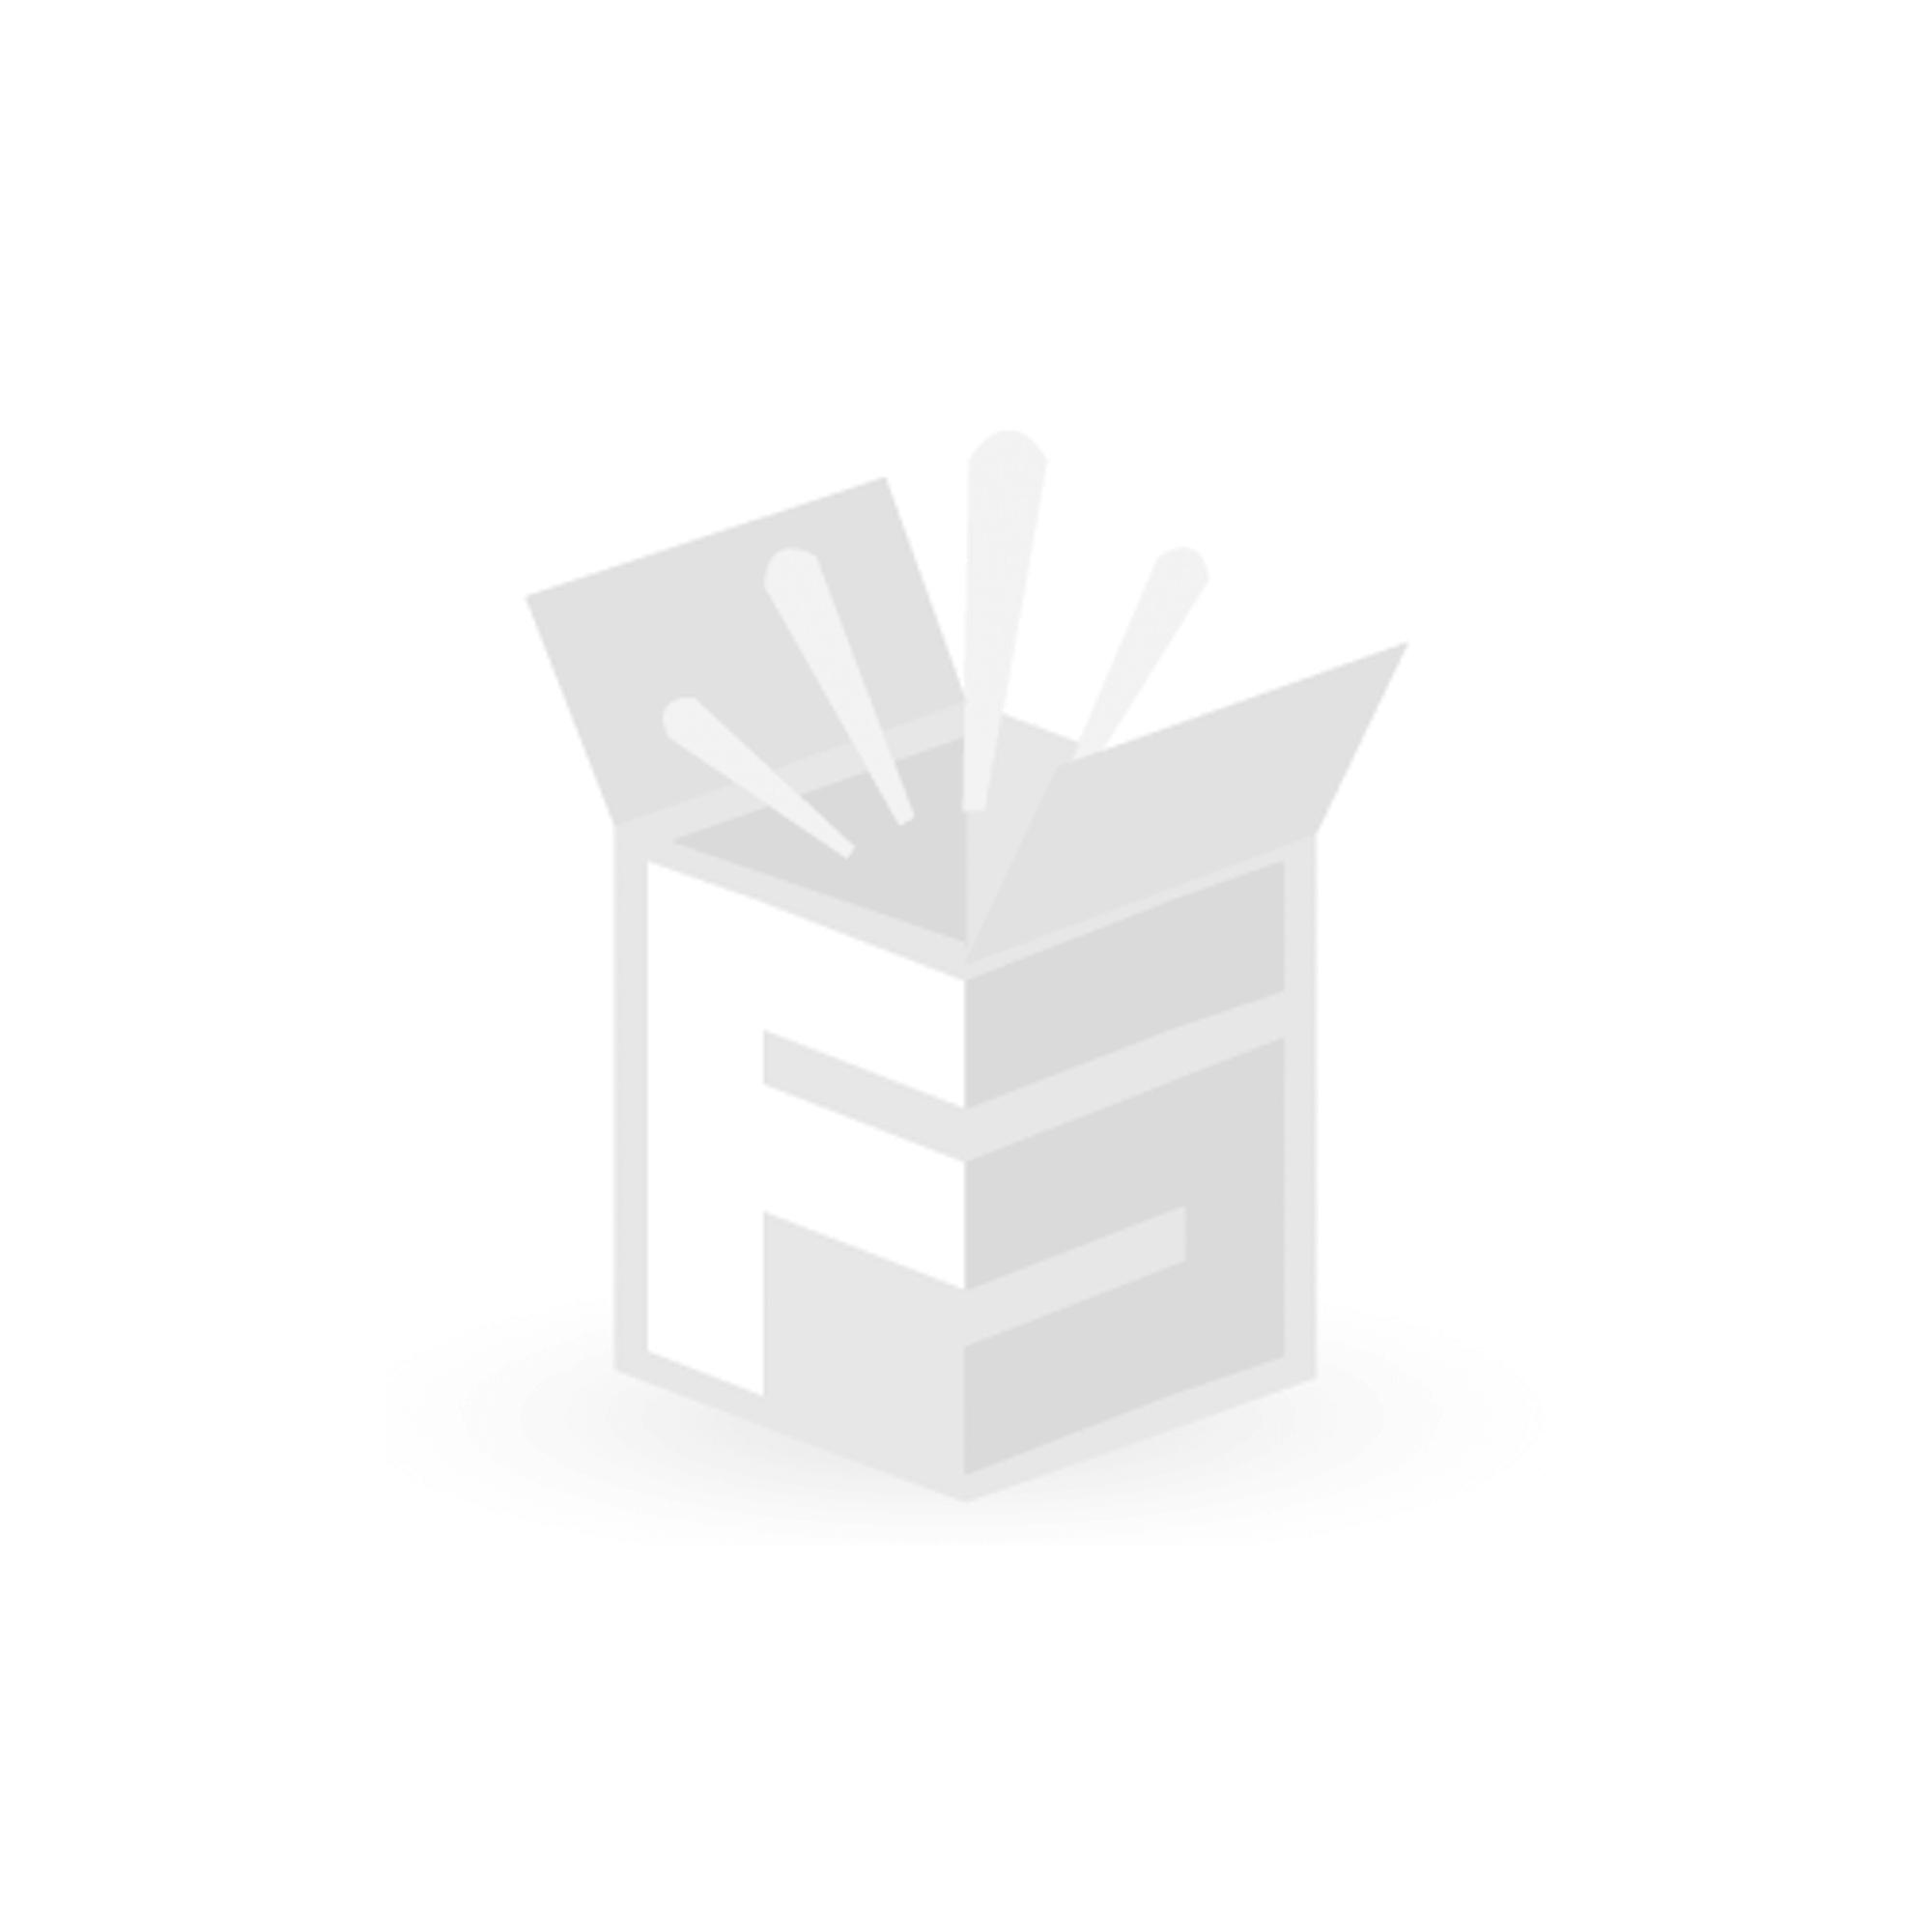 Braun Epilateur Silk-épil 5 545 Set de cadeau